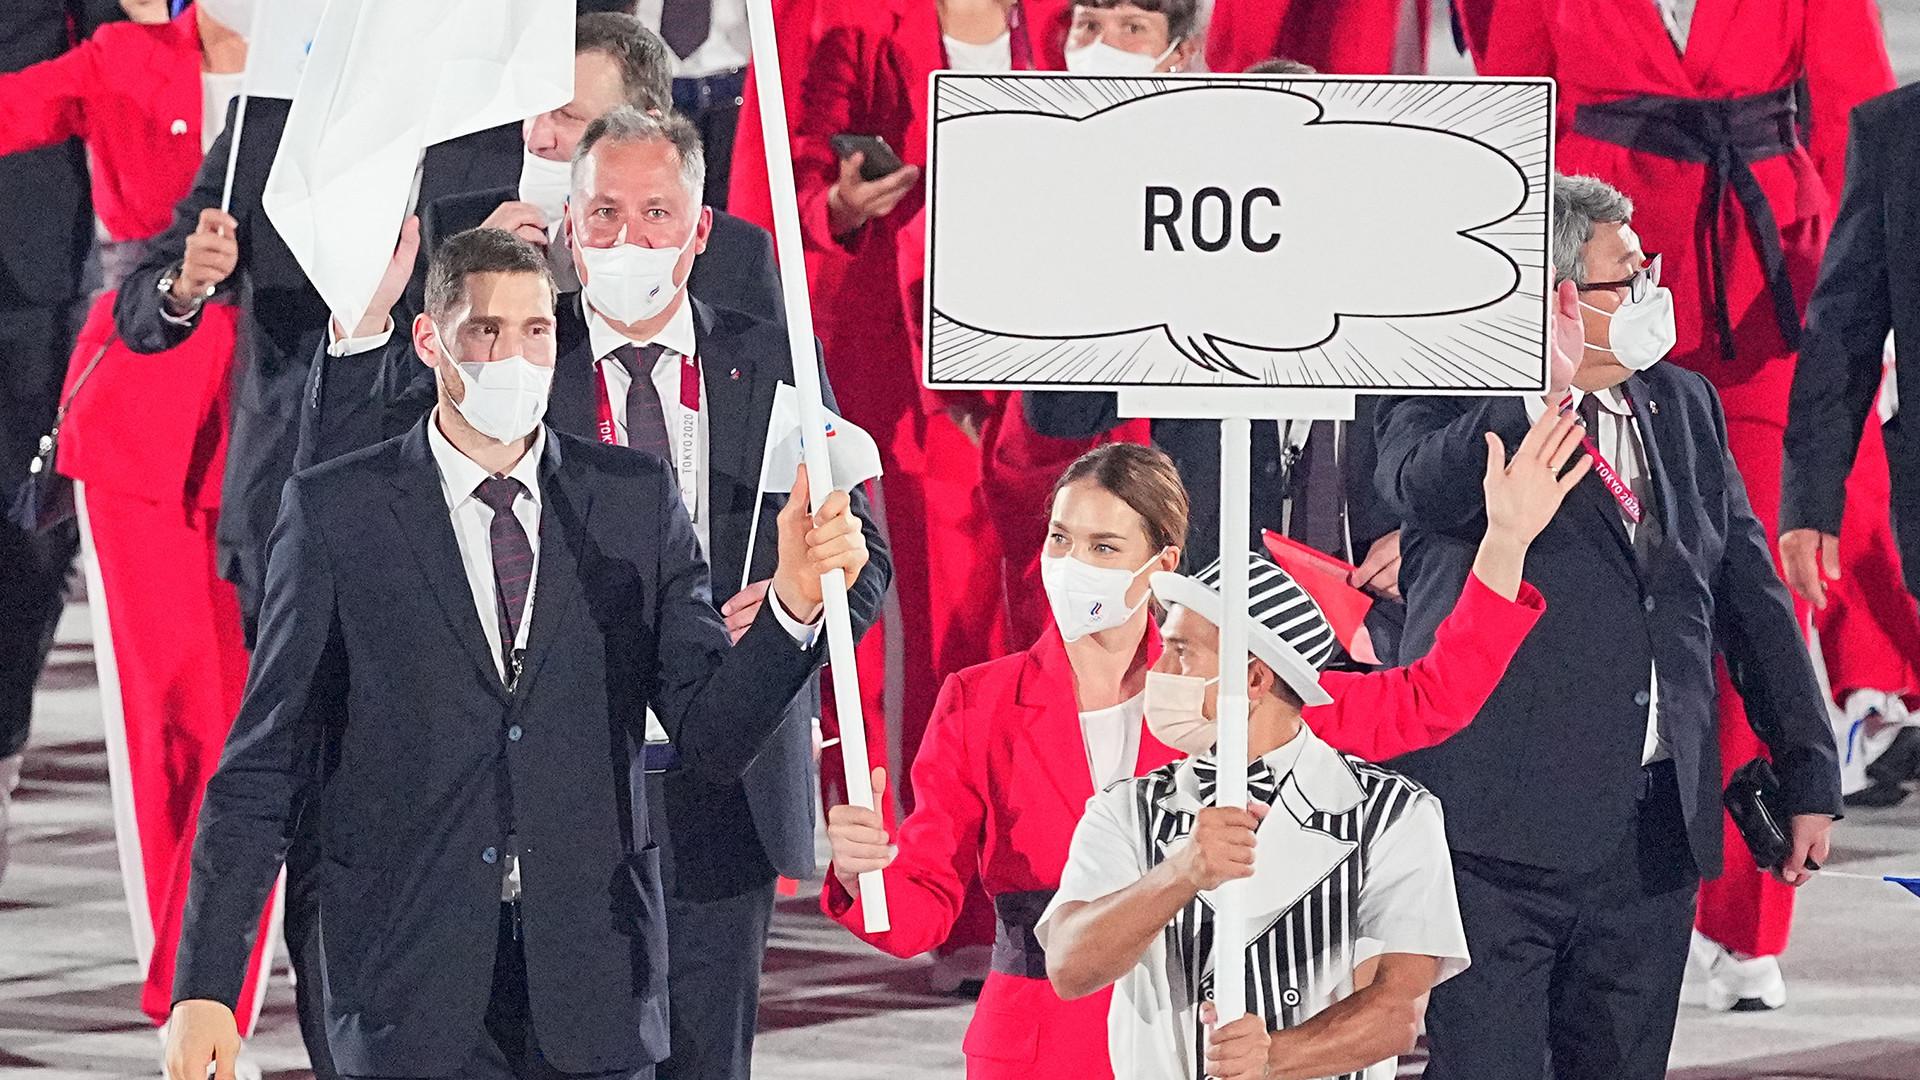 Cérémonie d'ouverture au stade olympique de Tokyo. L'équipe du Comité olympique russe (COR) avec les porte-drapeaux l'escrimeuse Sofya Velikaya et le volleyeur Maksim Mikhailov.